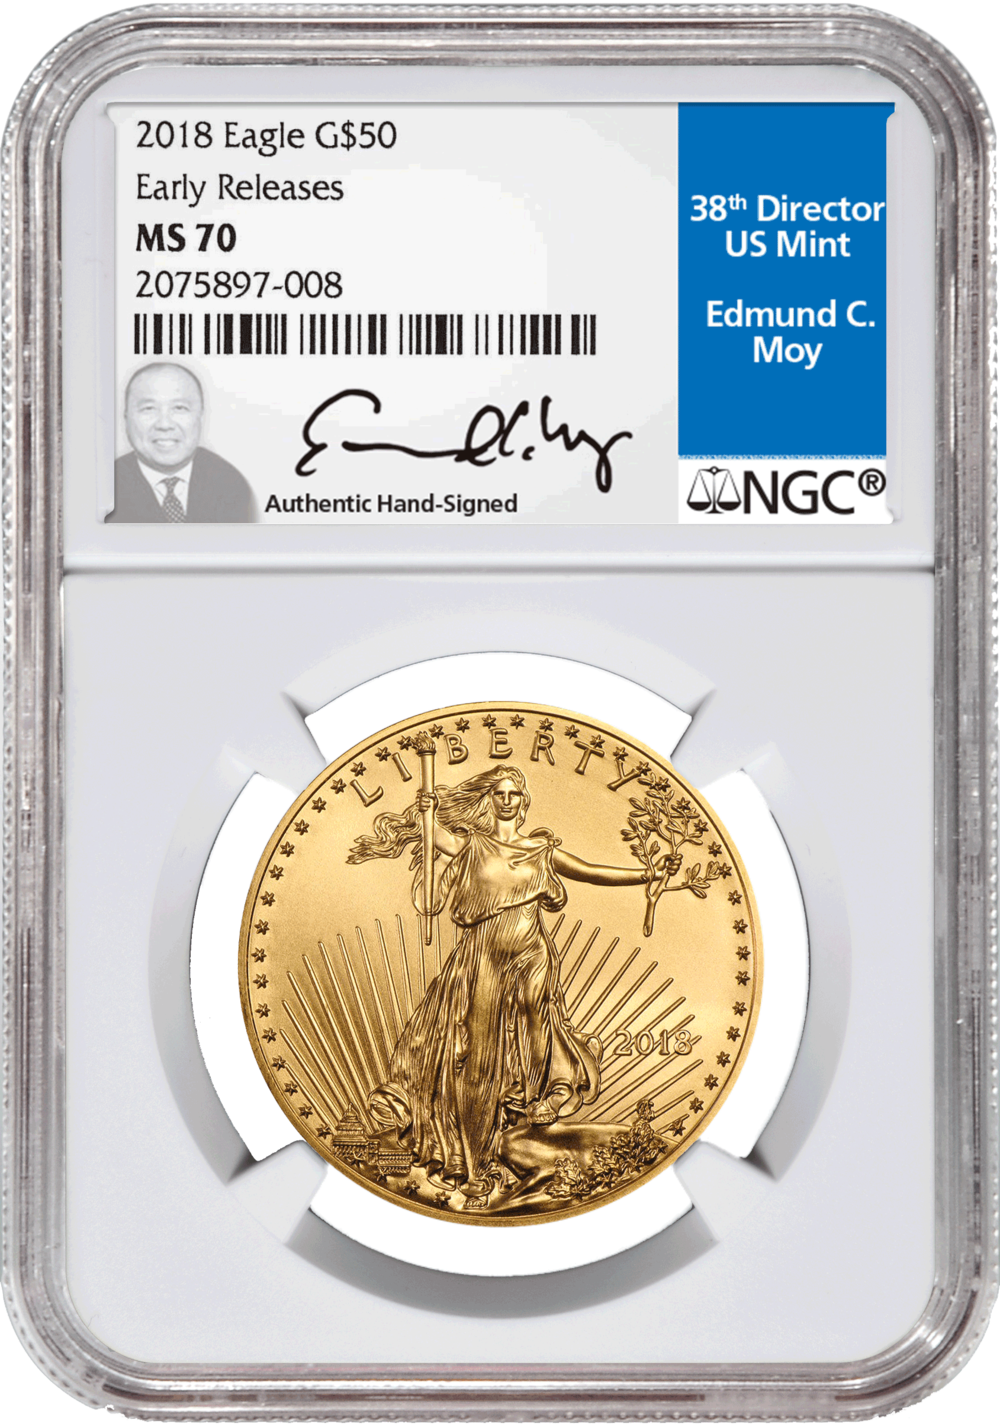 2018 $50 Eagle Gold